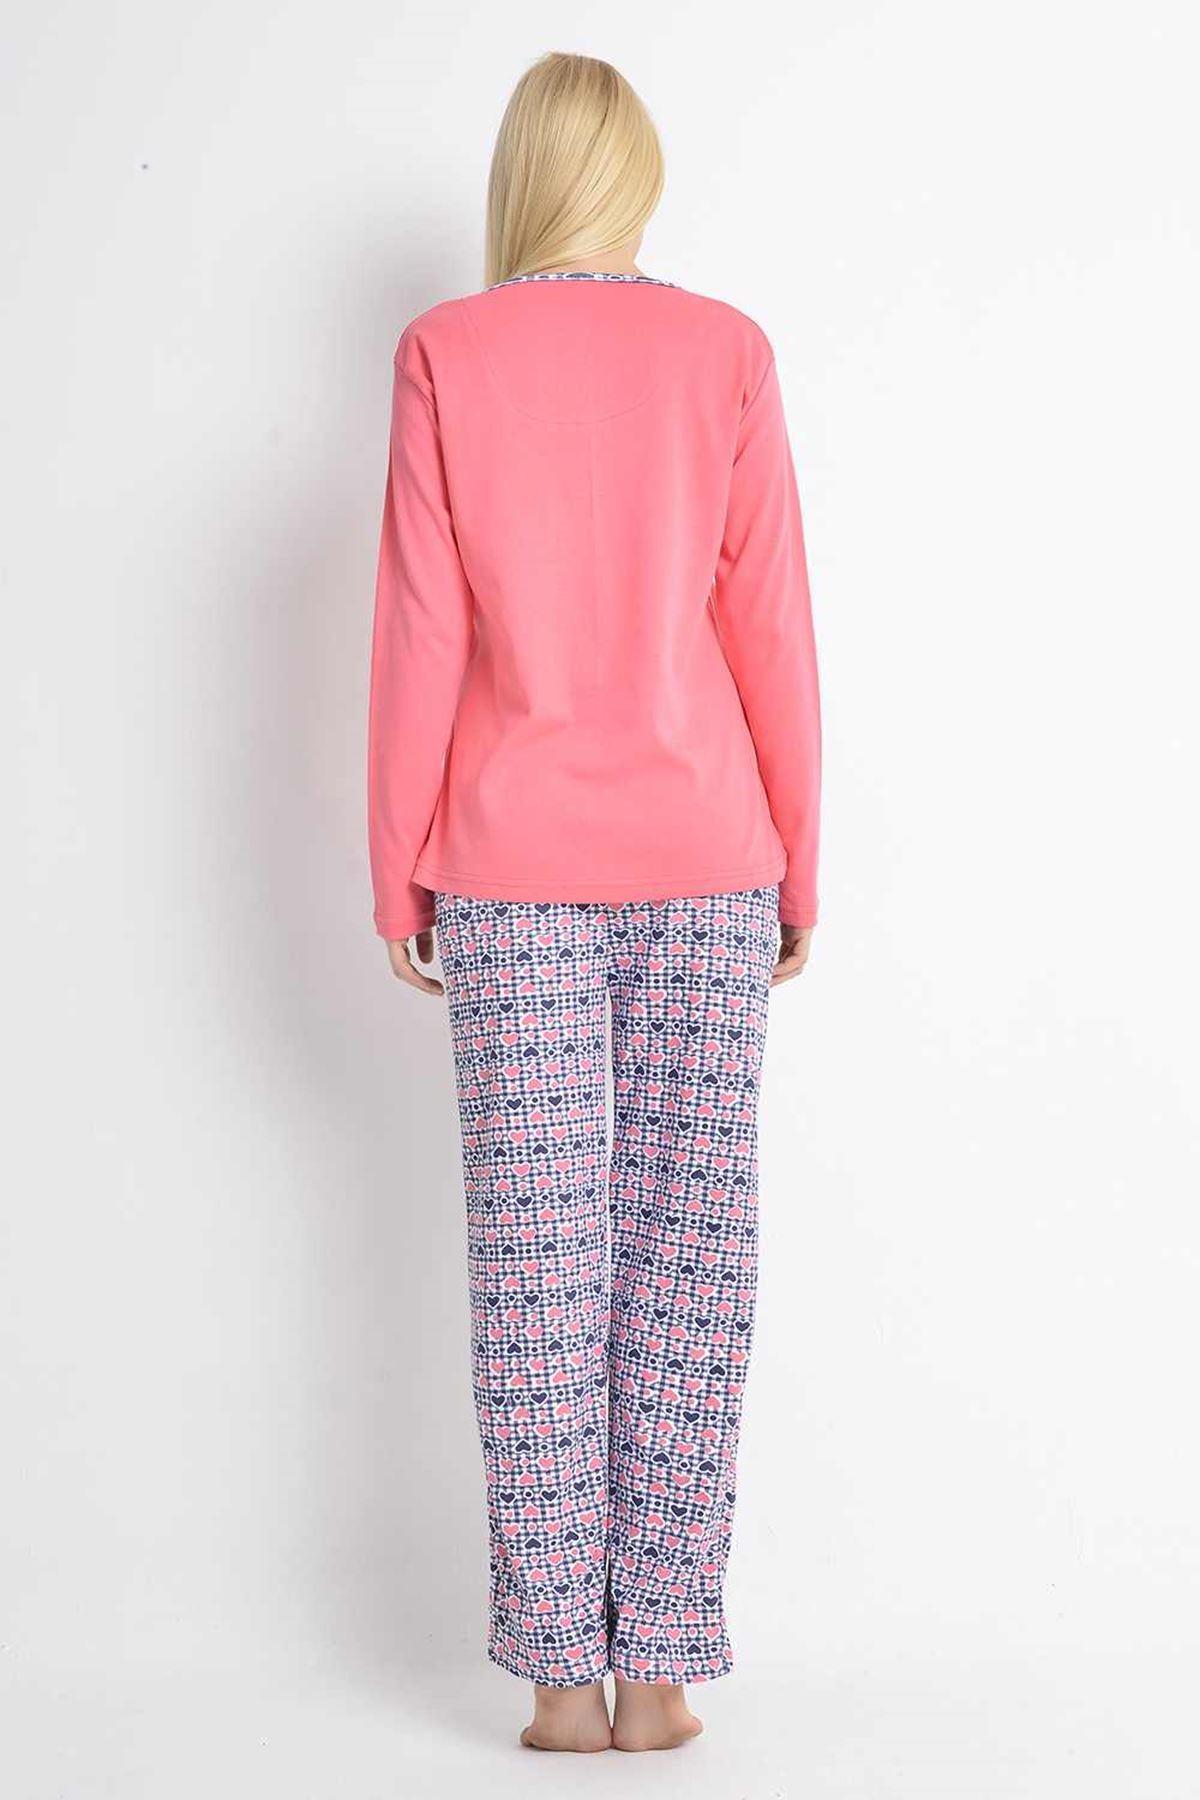 Nar Çiçeği Pijama 14B-100172